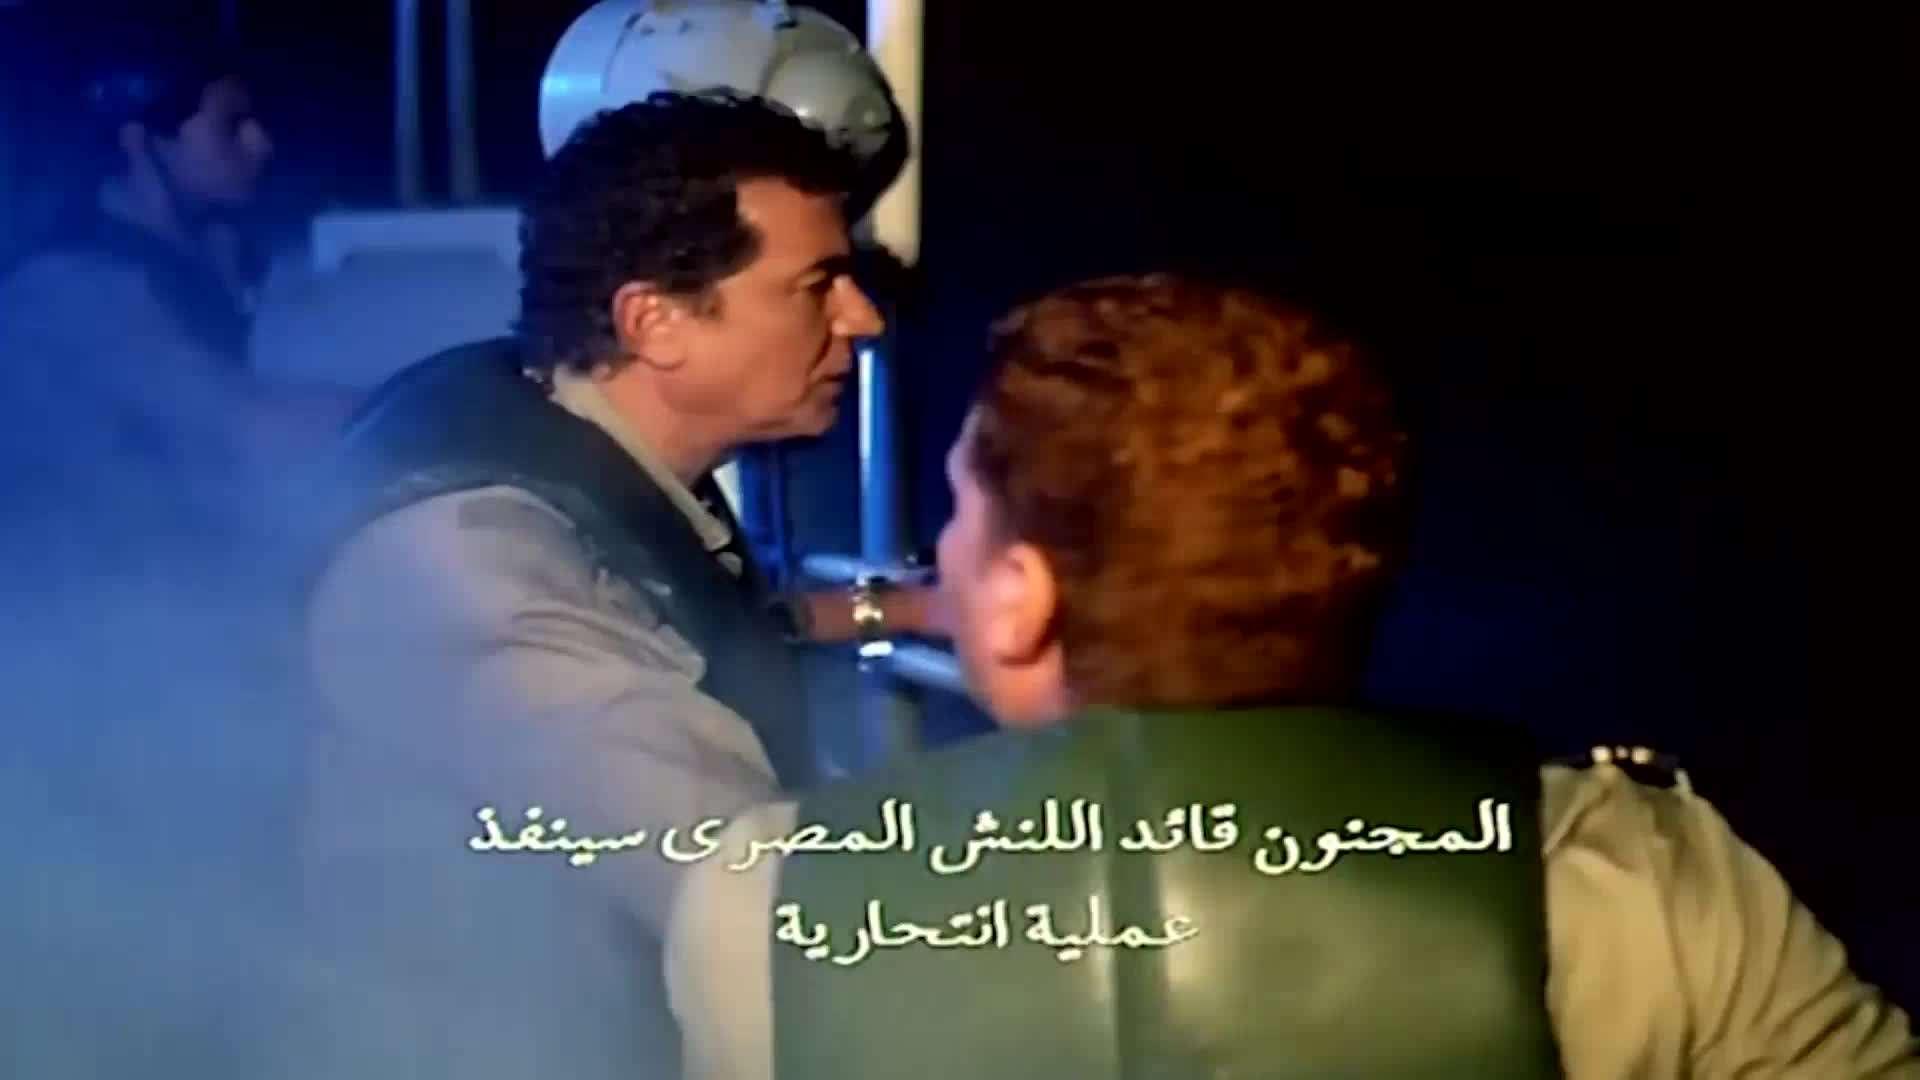 [فيلم][تورنت][تحميل][يوم الكرامة][2004][1080p][Web-DL] 12 arabp2p.com